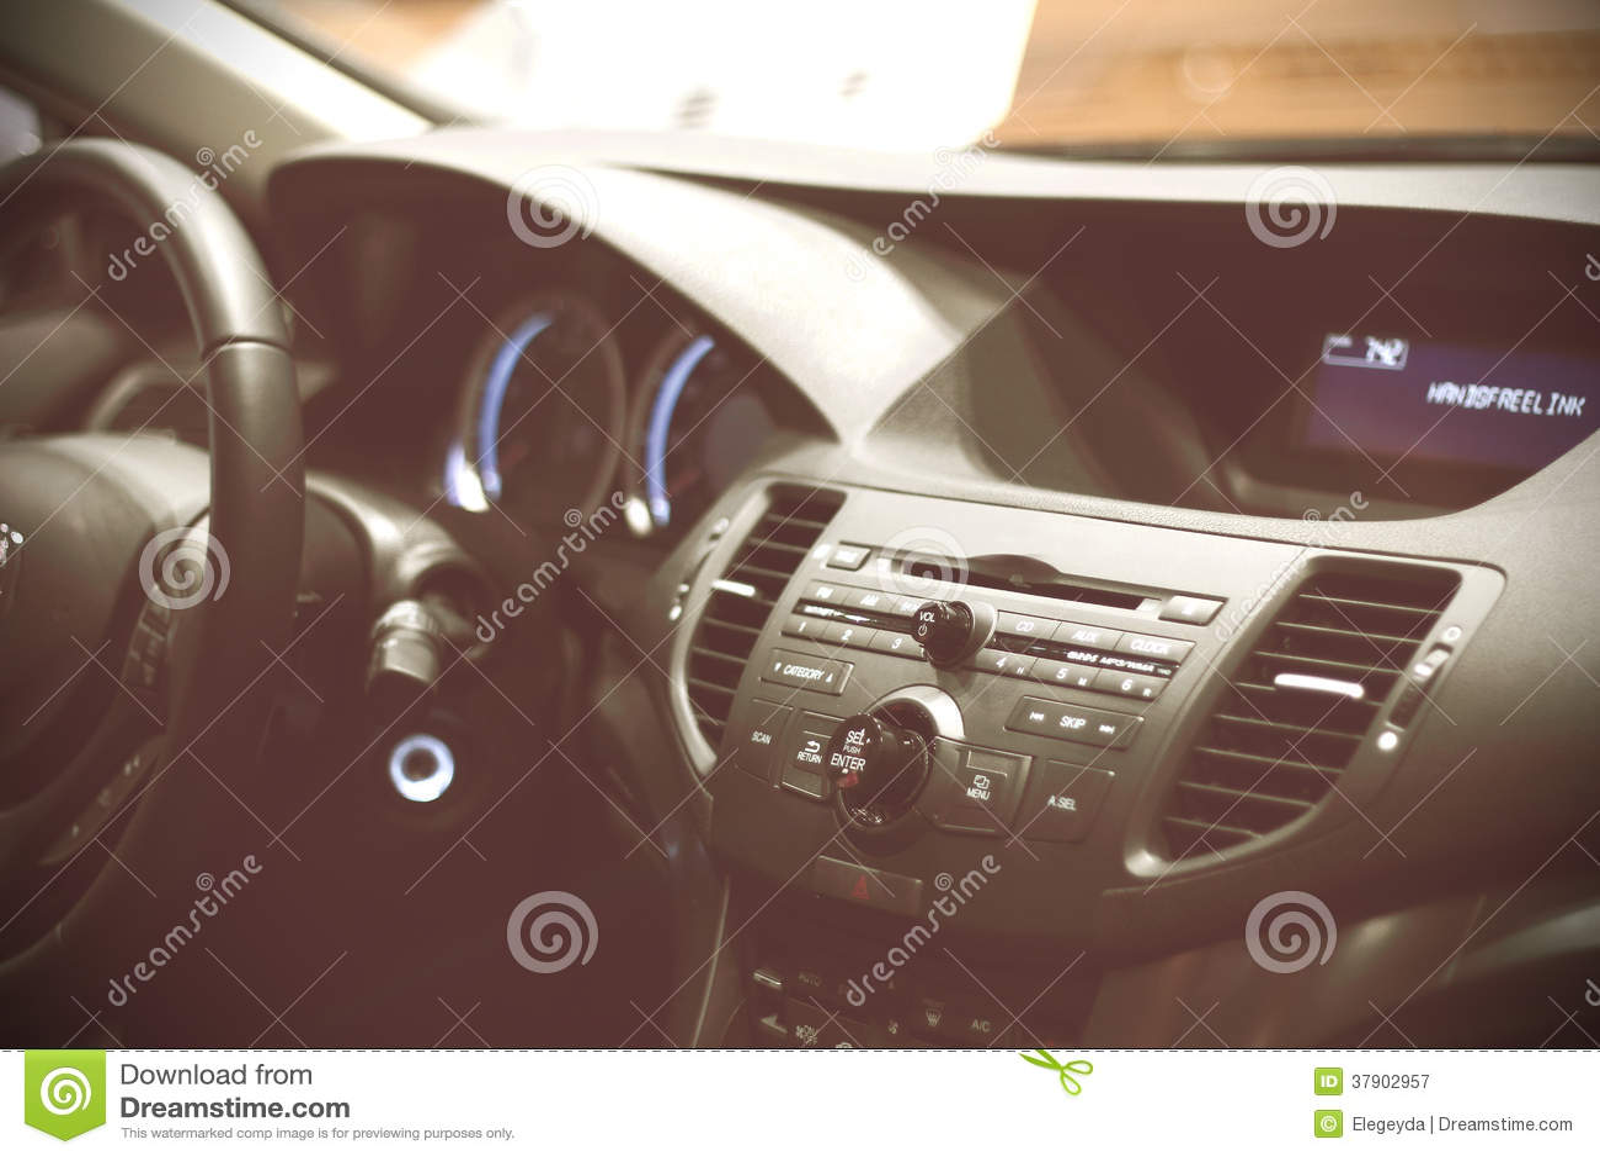 Tablero de instrumentos de un coche de deportes